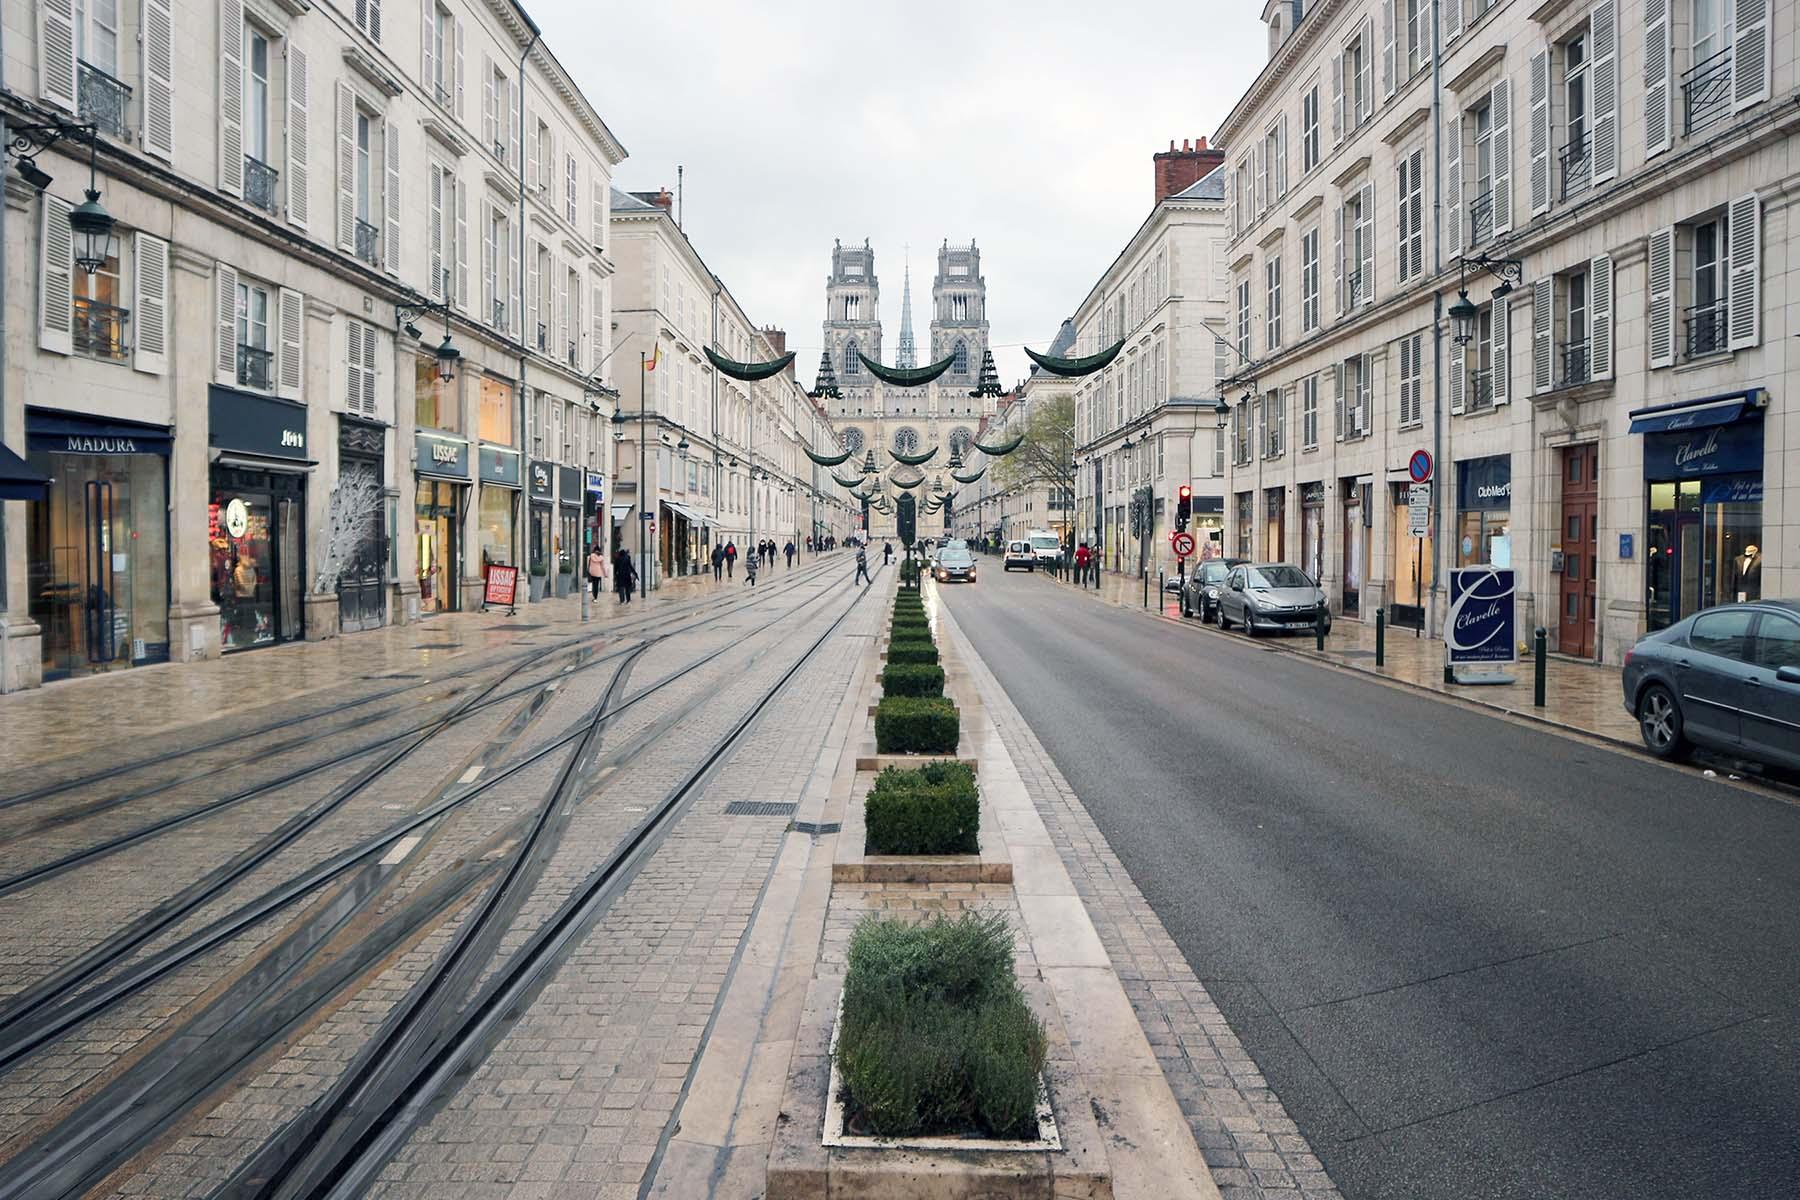 Orléans. Die Kathedrale Sainte-Croix d'Orléans am Ende der Rue Jeanne D'Arc.